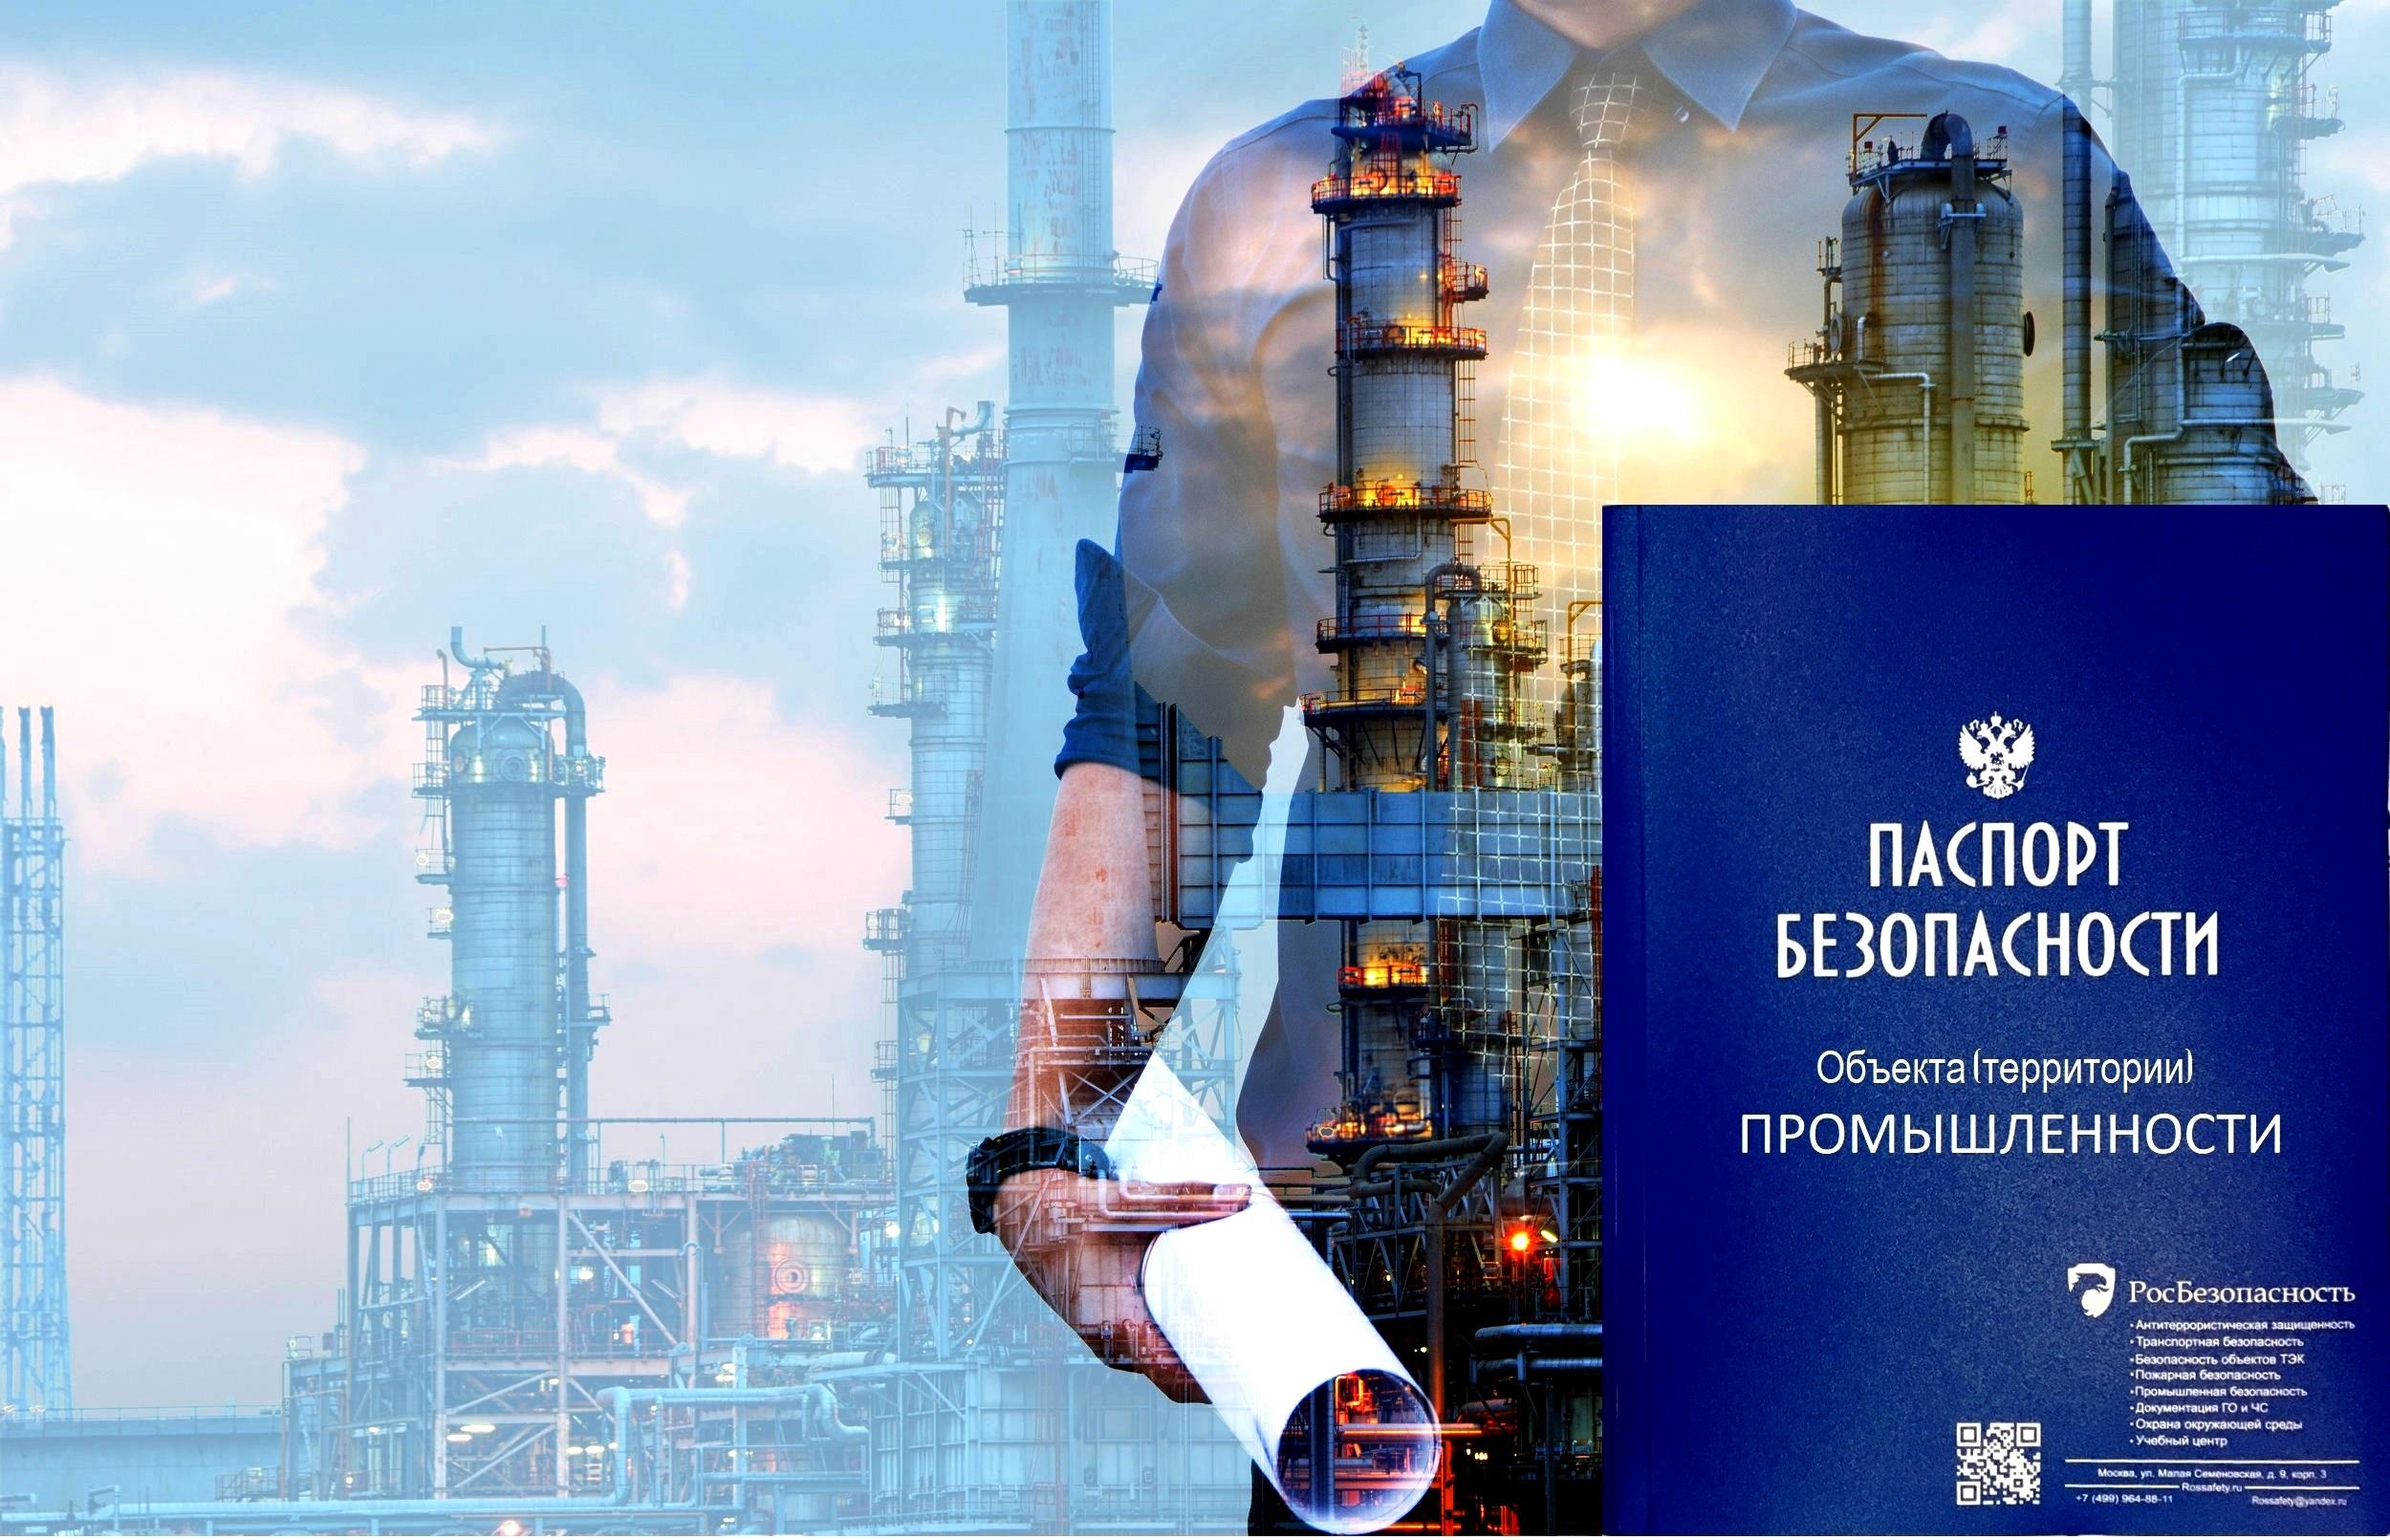 Паспорт антитеррористической защищенности объекта промышленности Постановление 1413 от 18 декабря 2014 года рекомендации Минторга